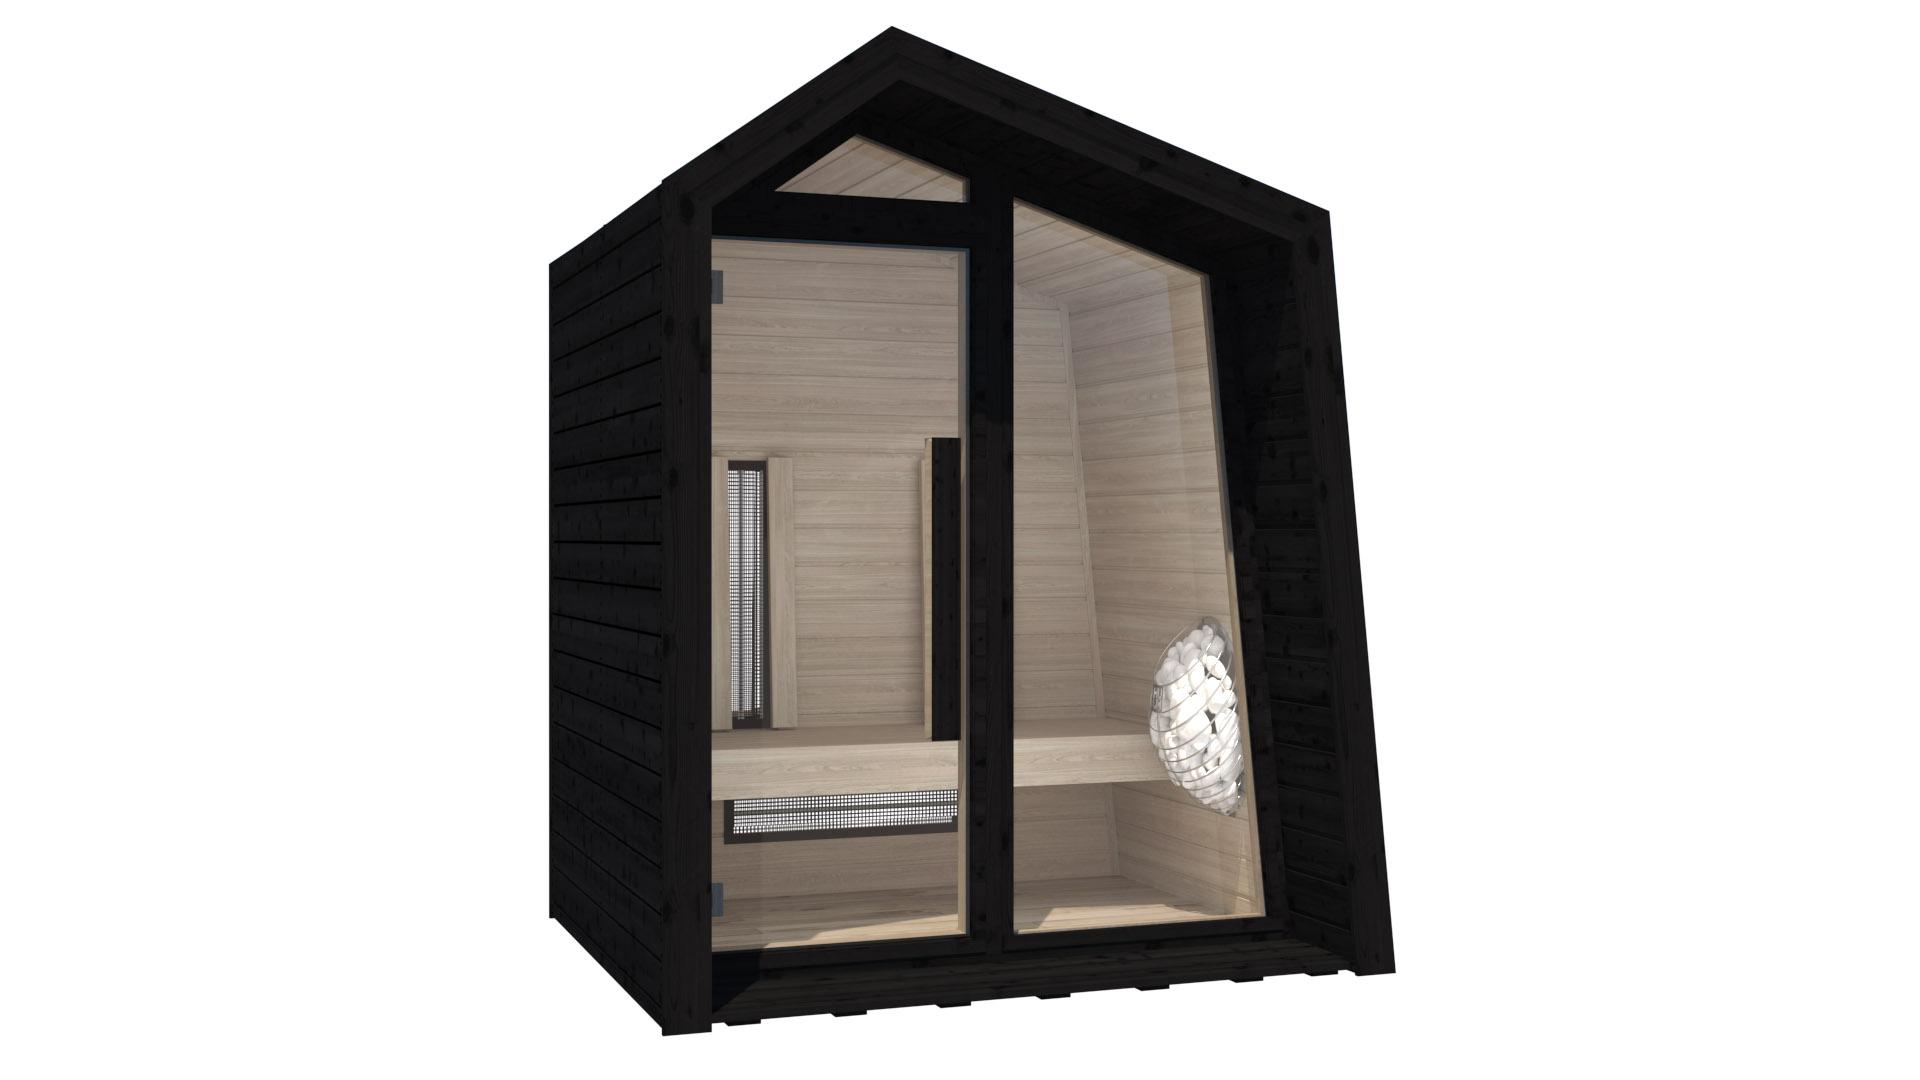 INUA Frigg udendoers kombi sauna_infraroed sauna2